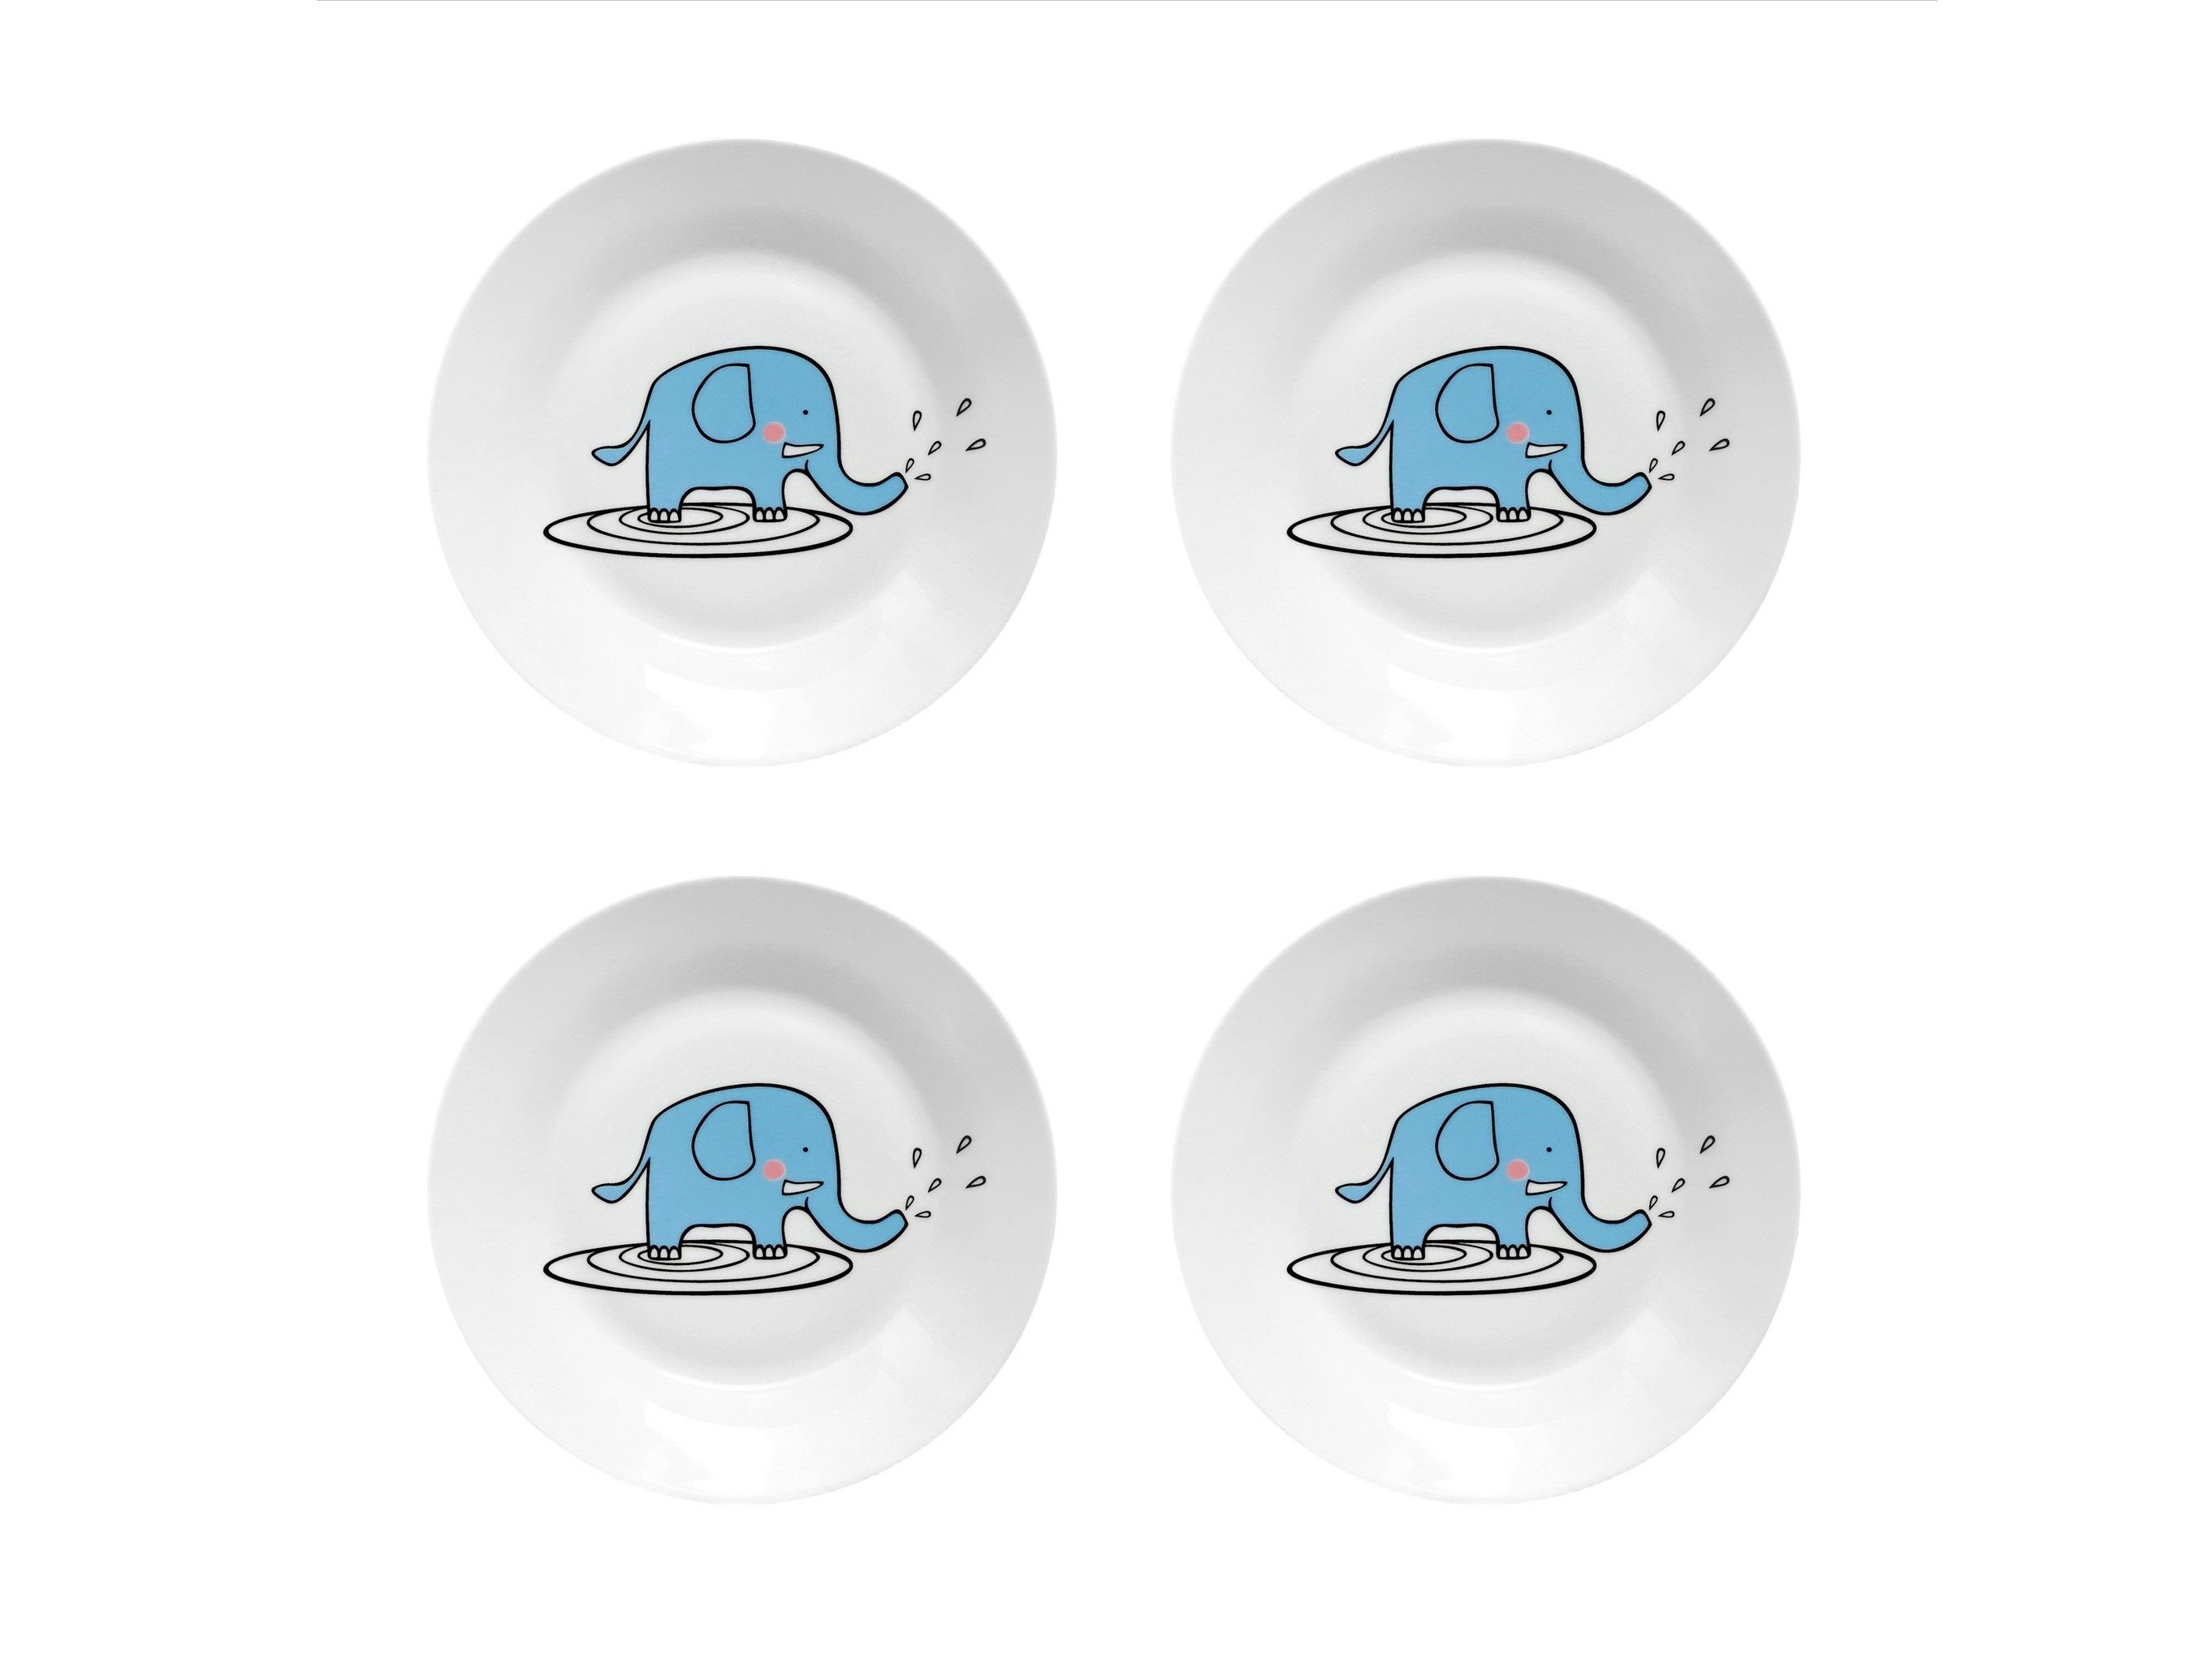 Набор тарелок Слон БубонТарелки<br>Посуду можно использовать в микроволновой печи и посудомоечной машине.&amp;amp;nbsp;&amp;lt;div&amp;gt;В комплект входят: Тарелка 20 см - 4 шт.&amp;lt;/div&amp;gt;<br><br>Material: Фарфор